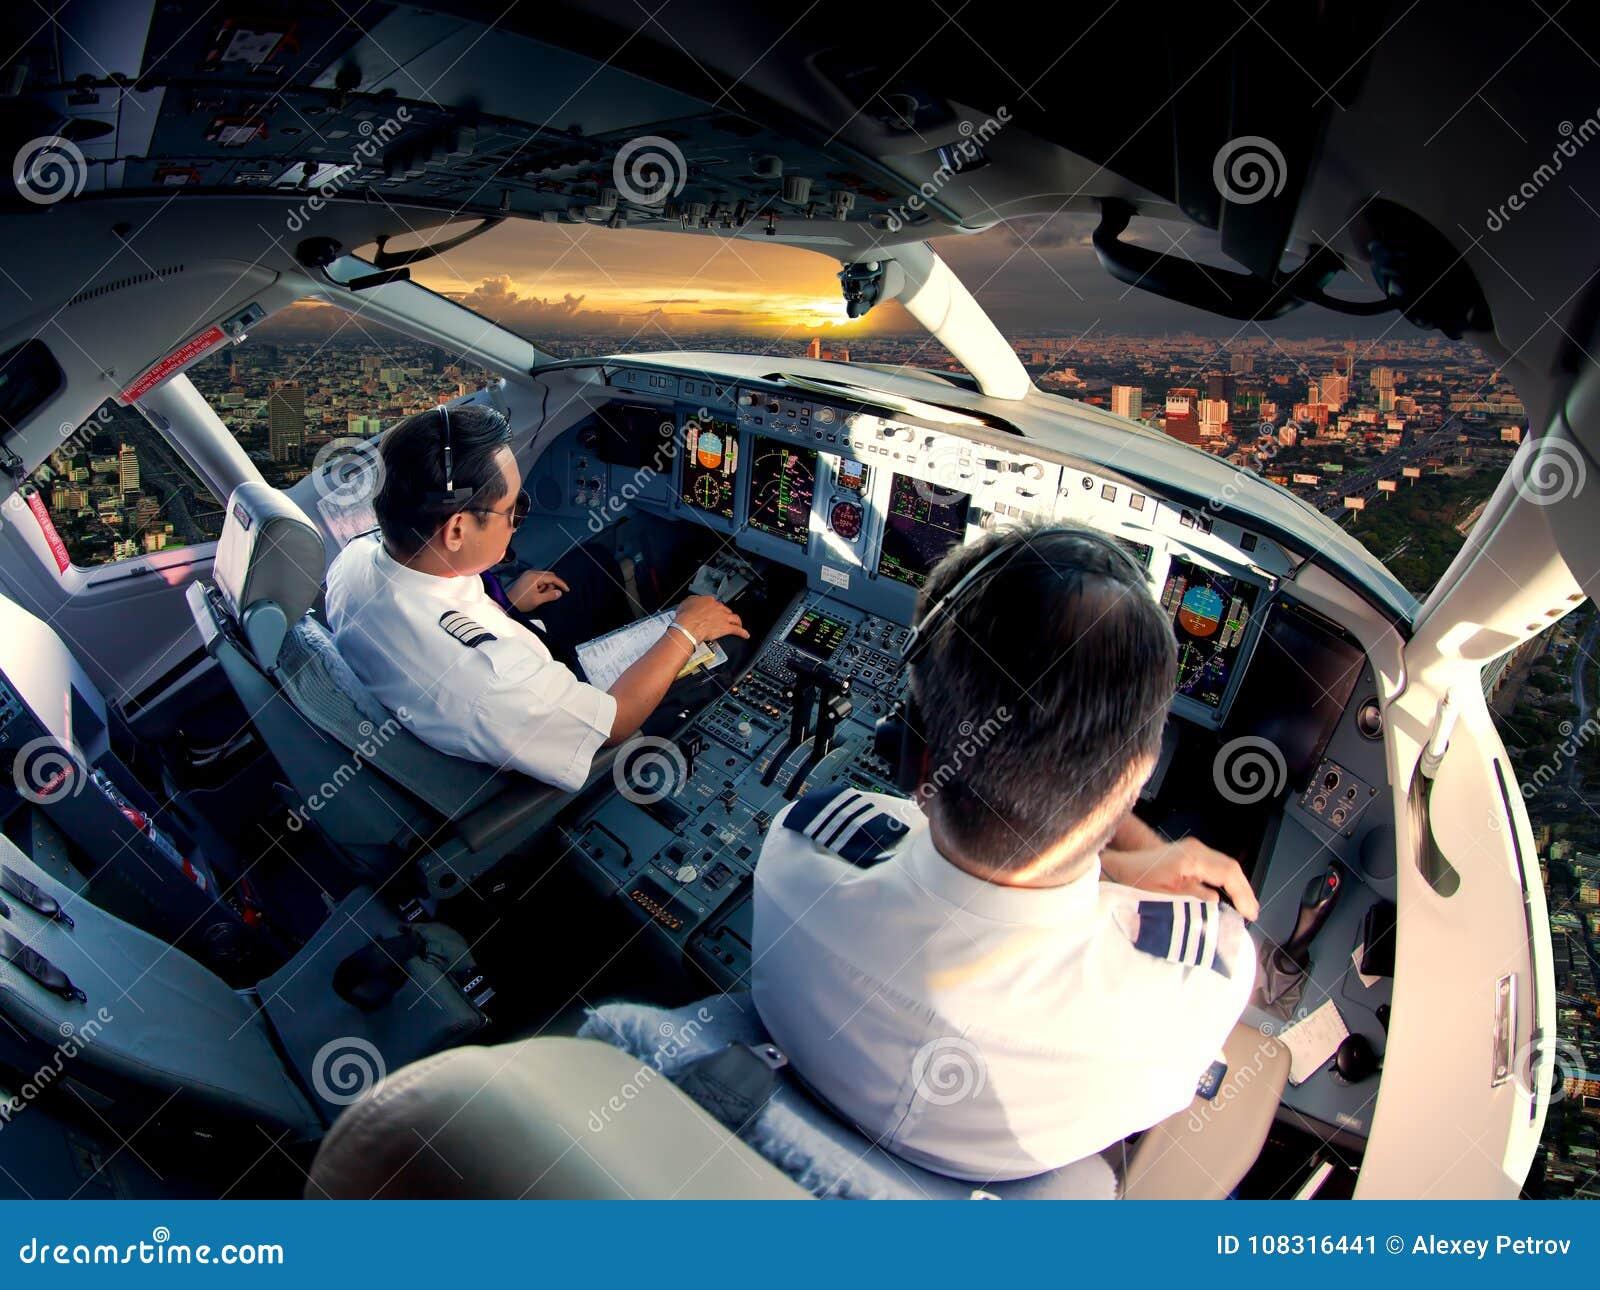 现代喷气式客机航空器驾驶舱